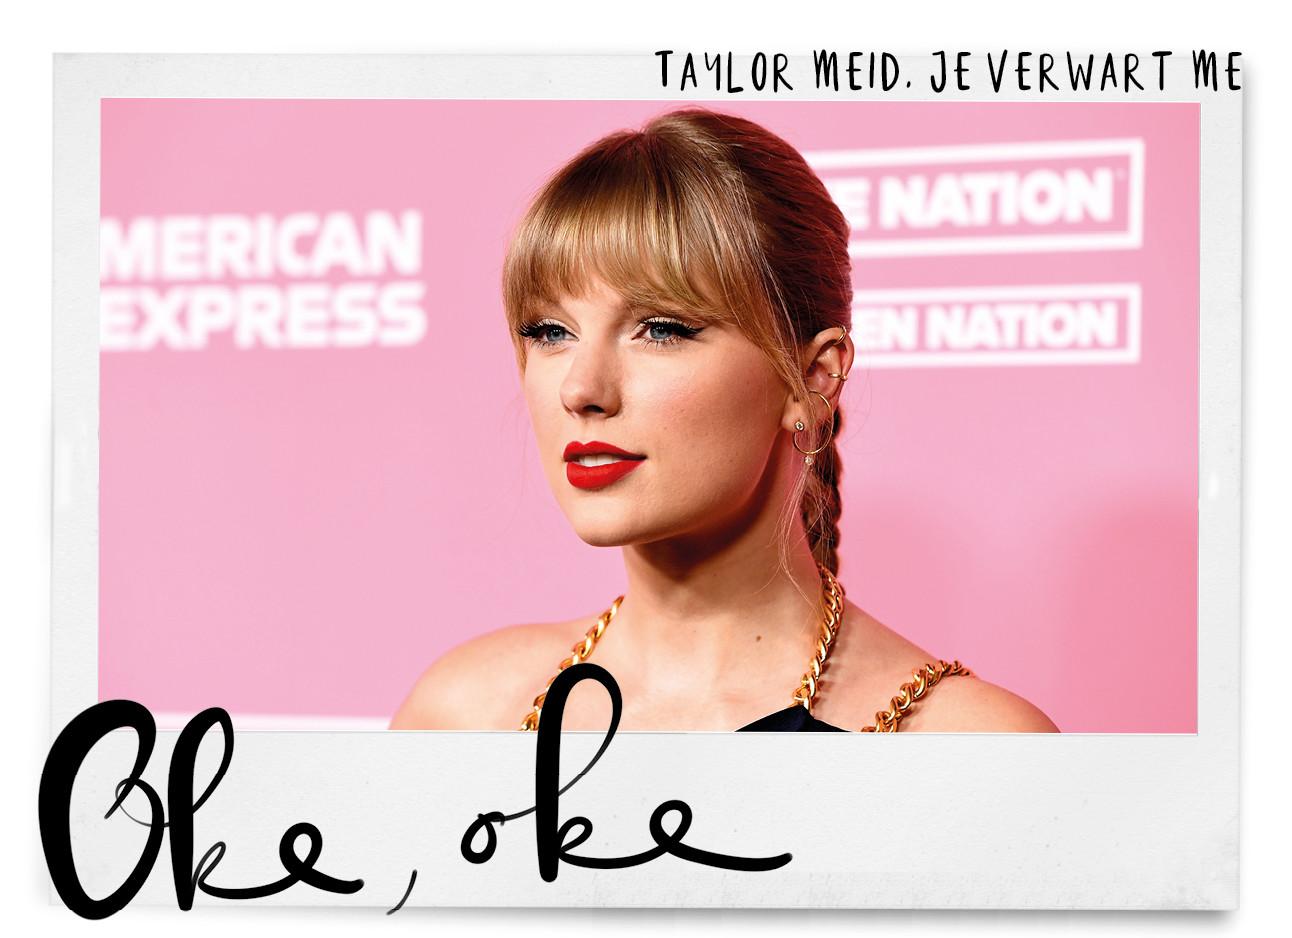 beeld van taylor swift met een roze achtergrond